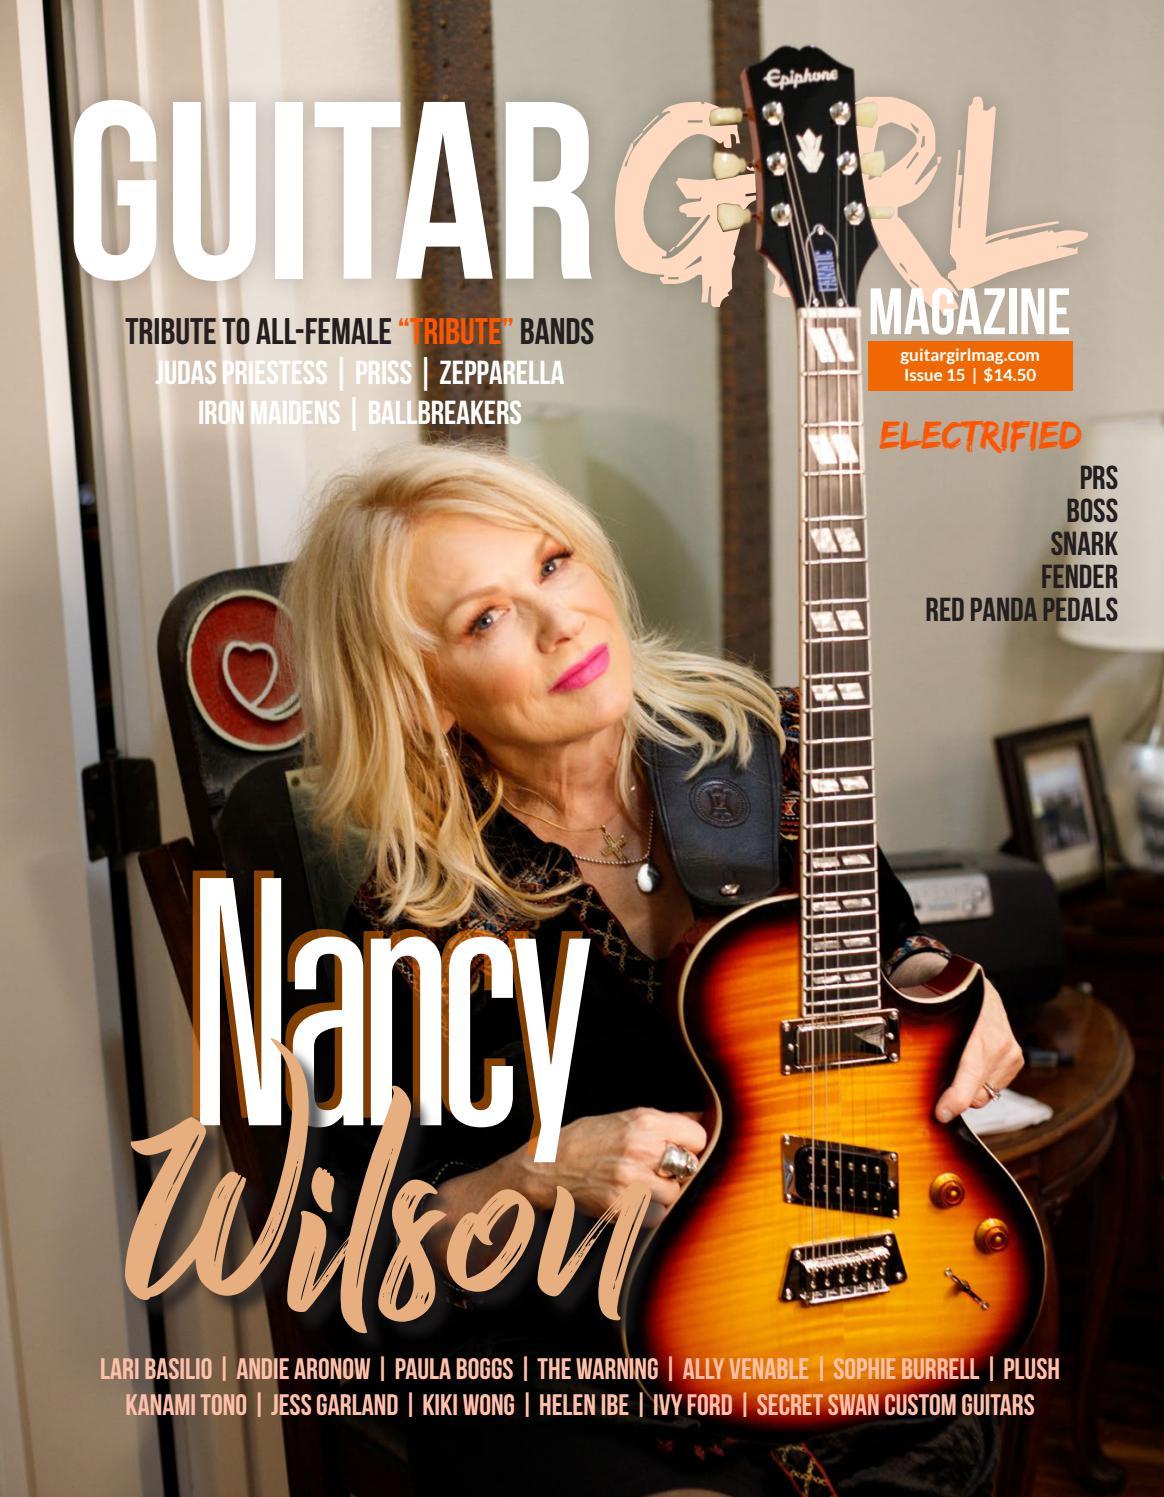 Naked girls guitars Guitar Girl Magazine Issue 15 Spring 2021 Electrified By Guitar Girl Magazine Issuu